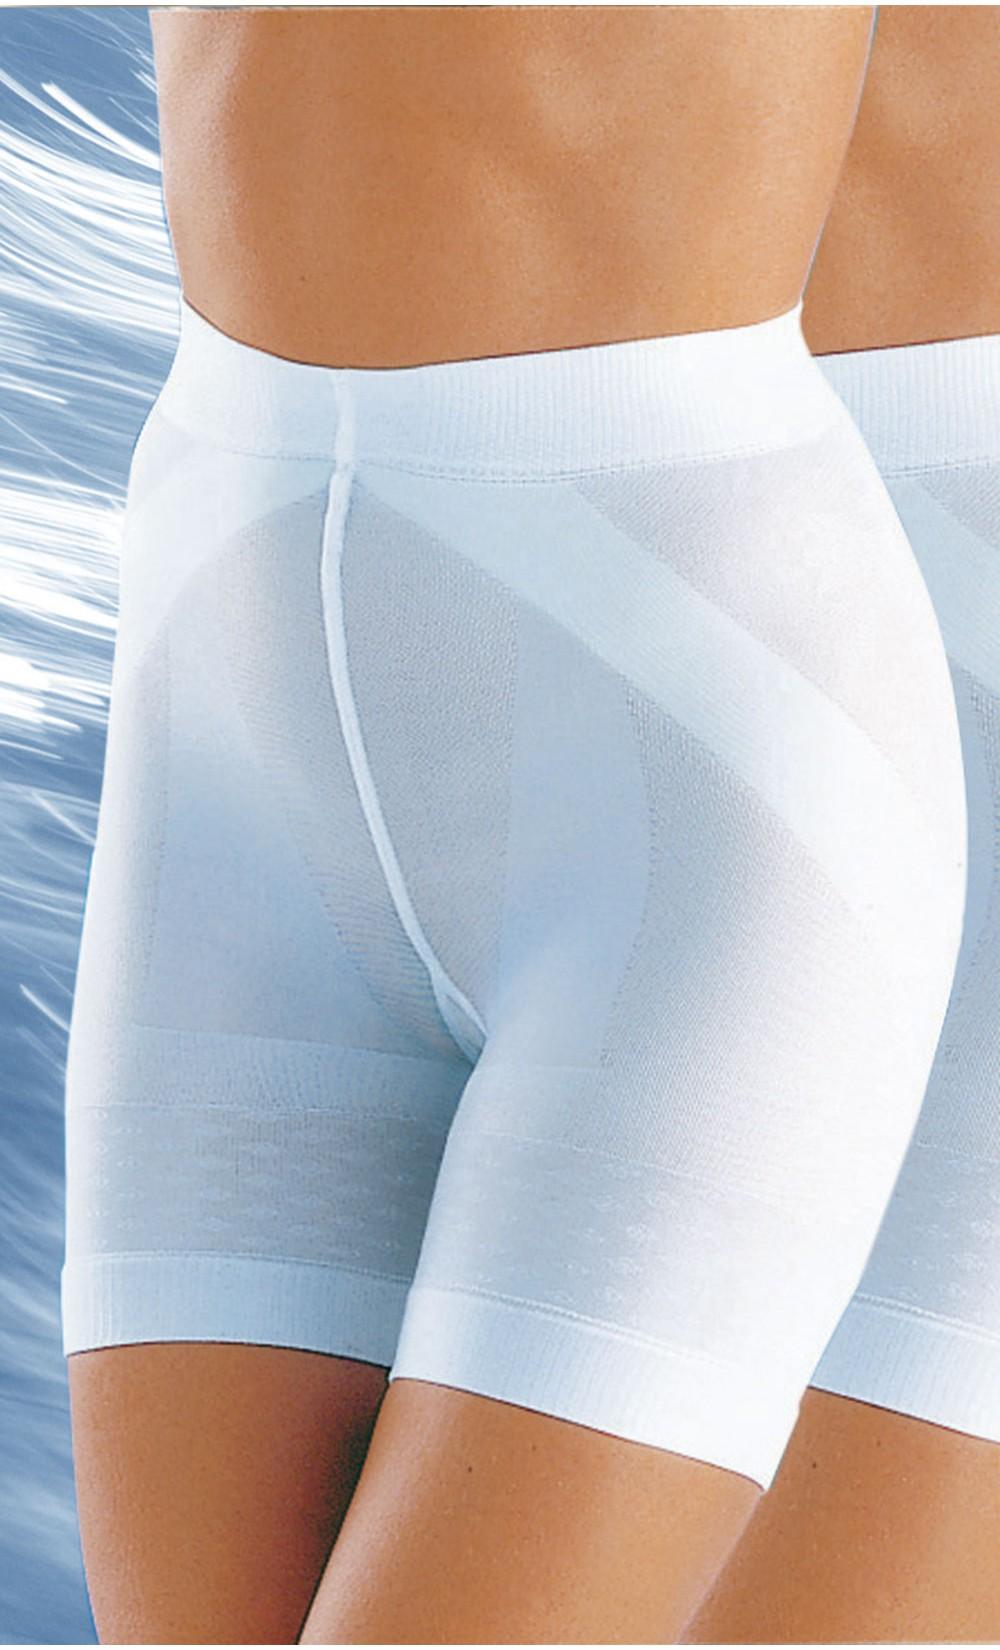 Panty ARGANE. - ARGANE